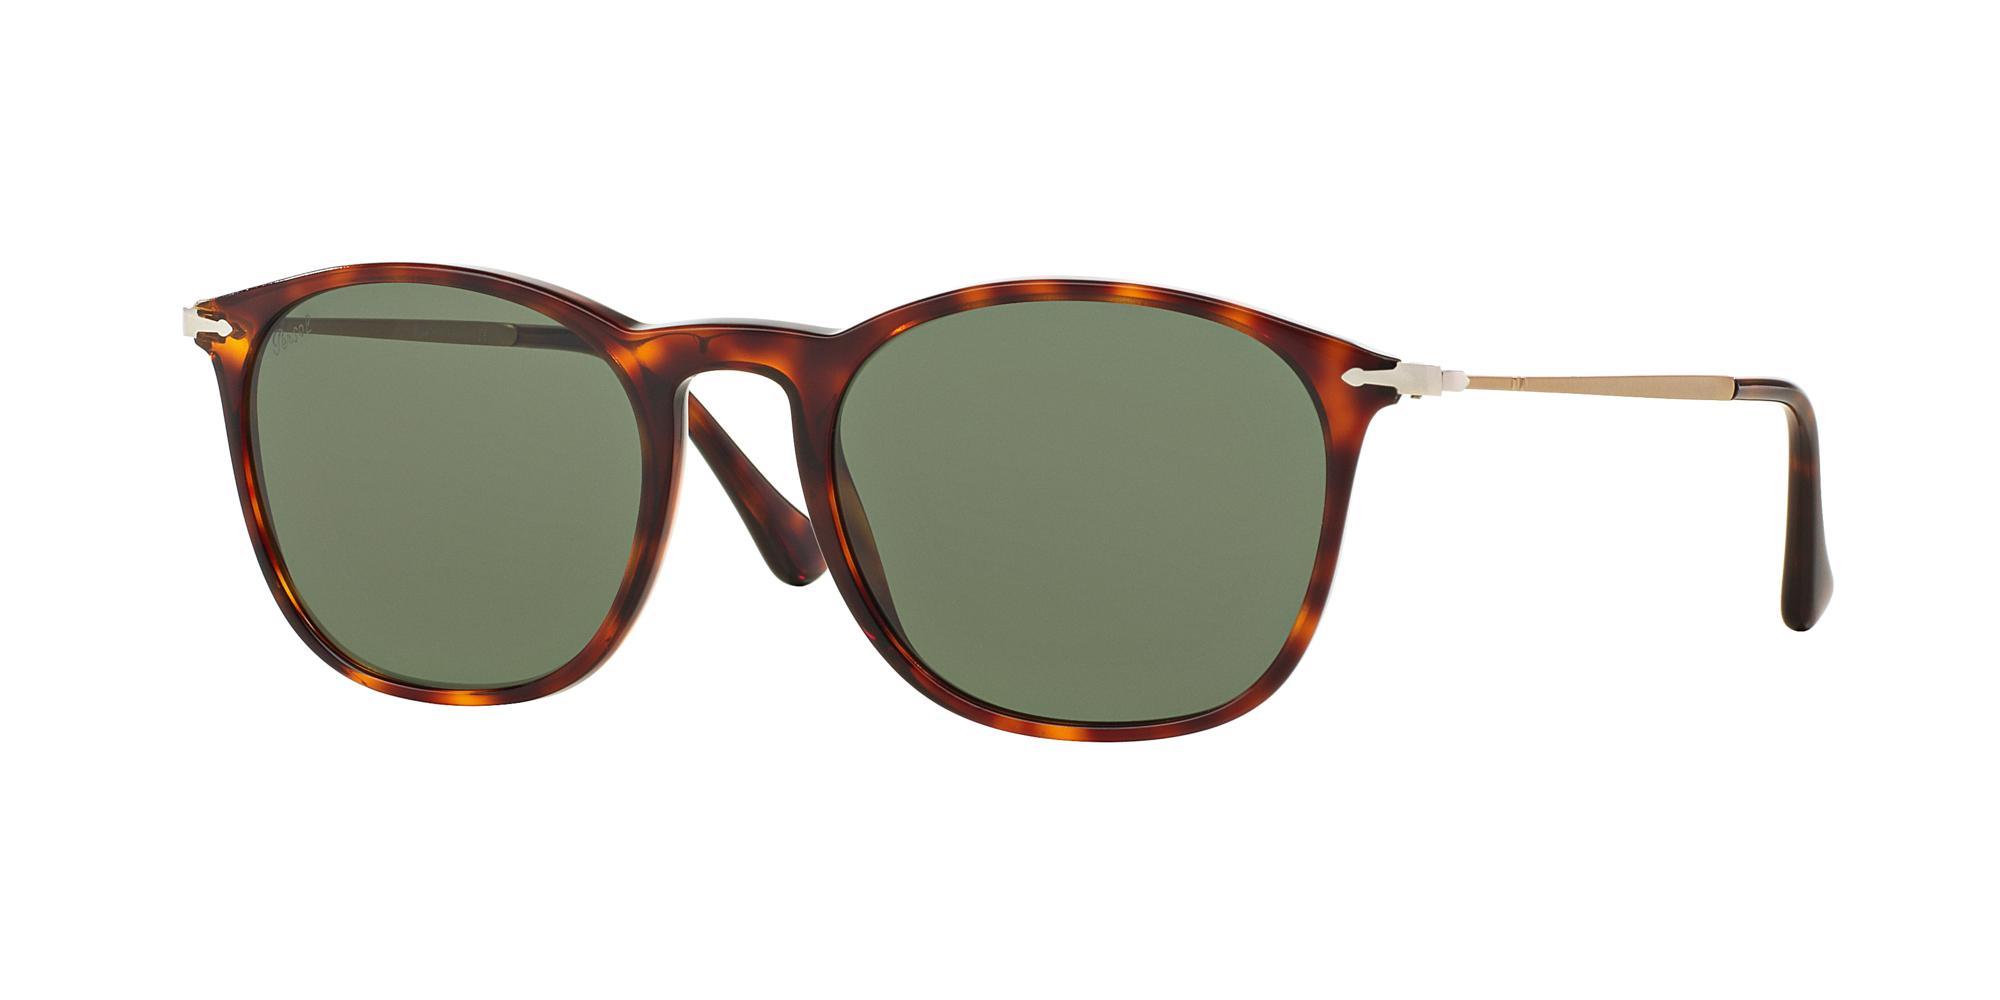 82c8233875 Lyst - Persol 3124 Size 50 Wayfarer Sunglasses in Green